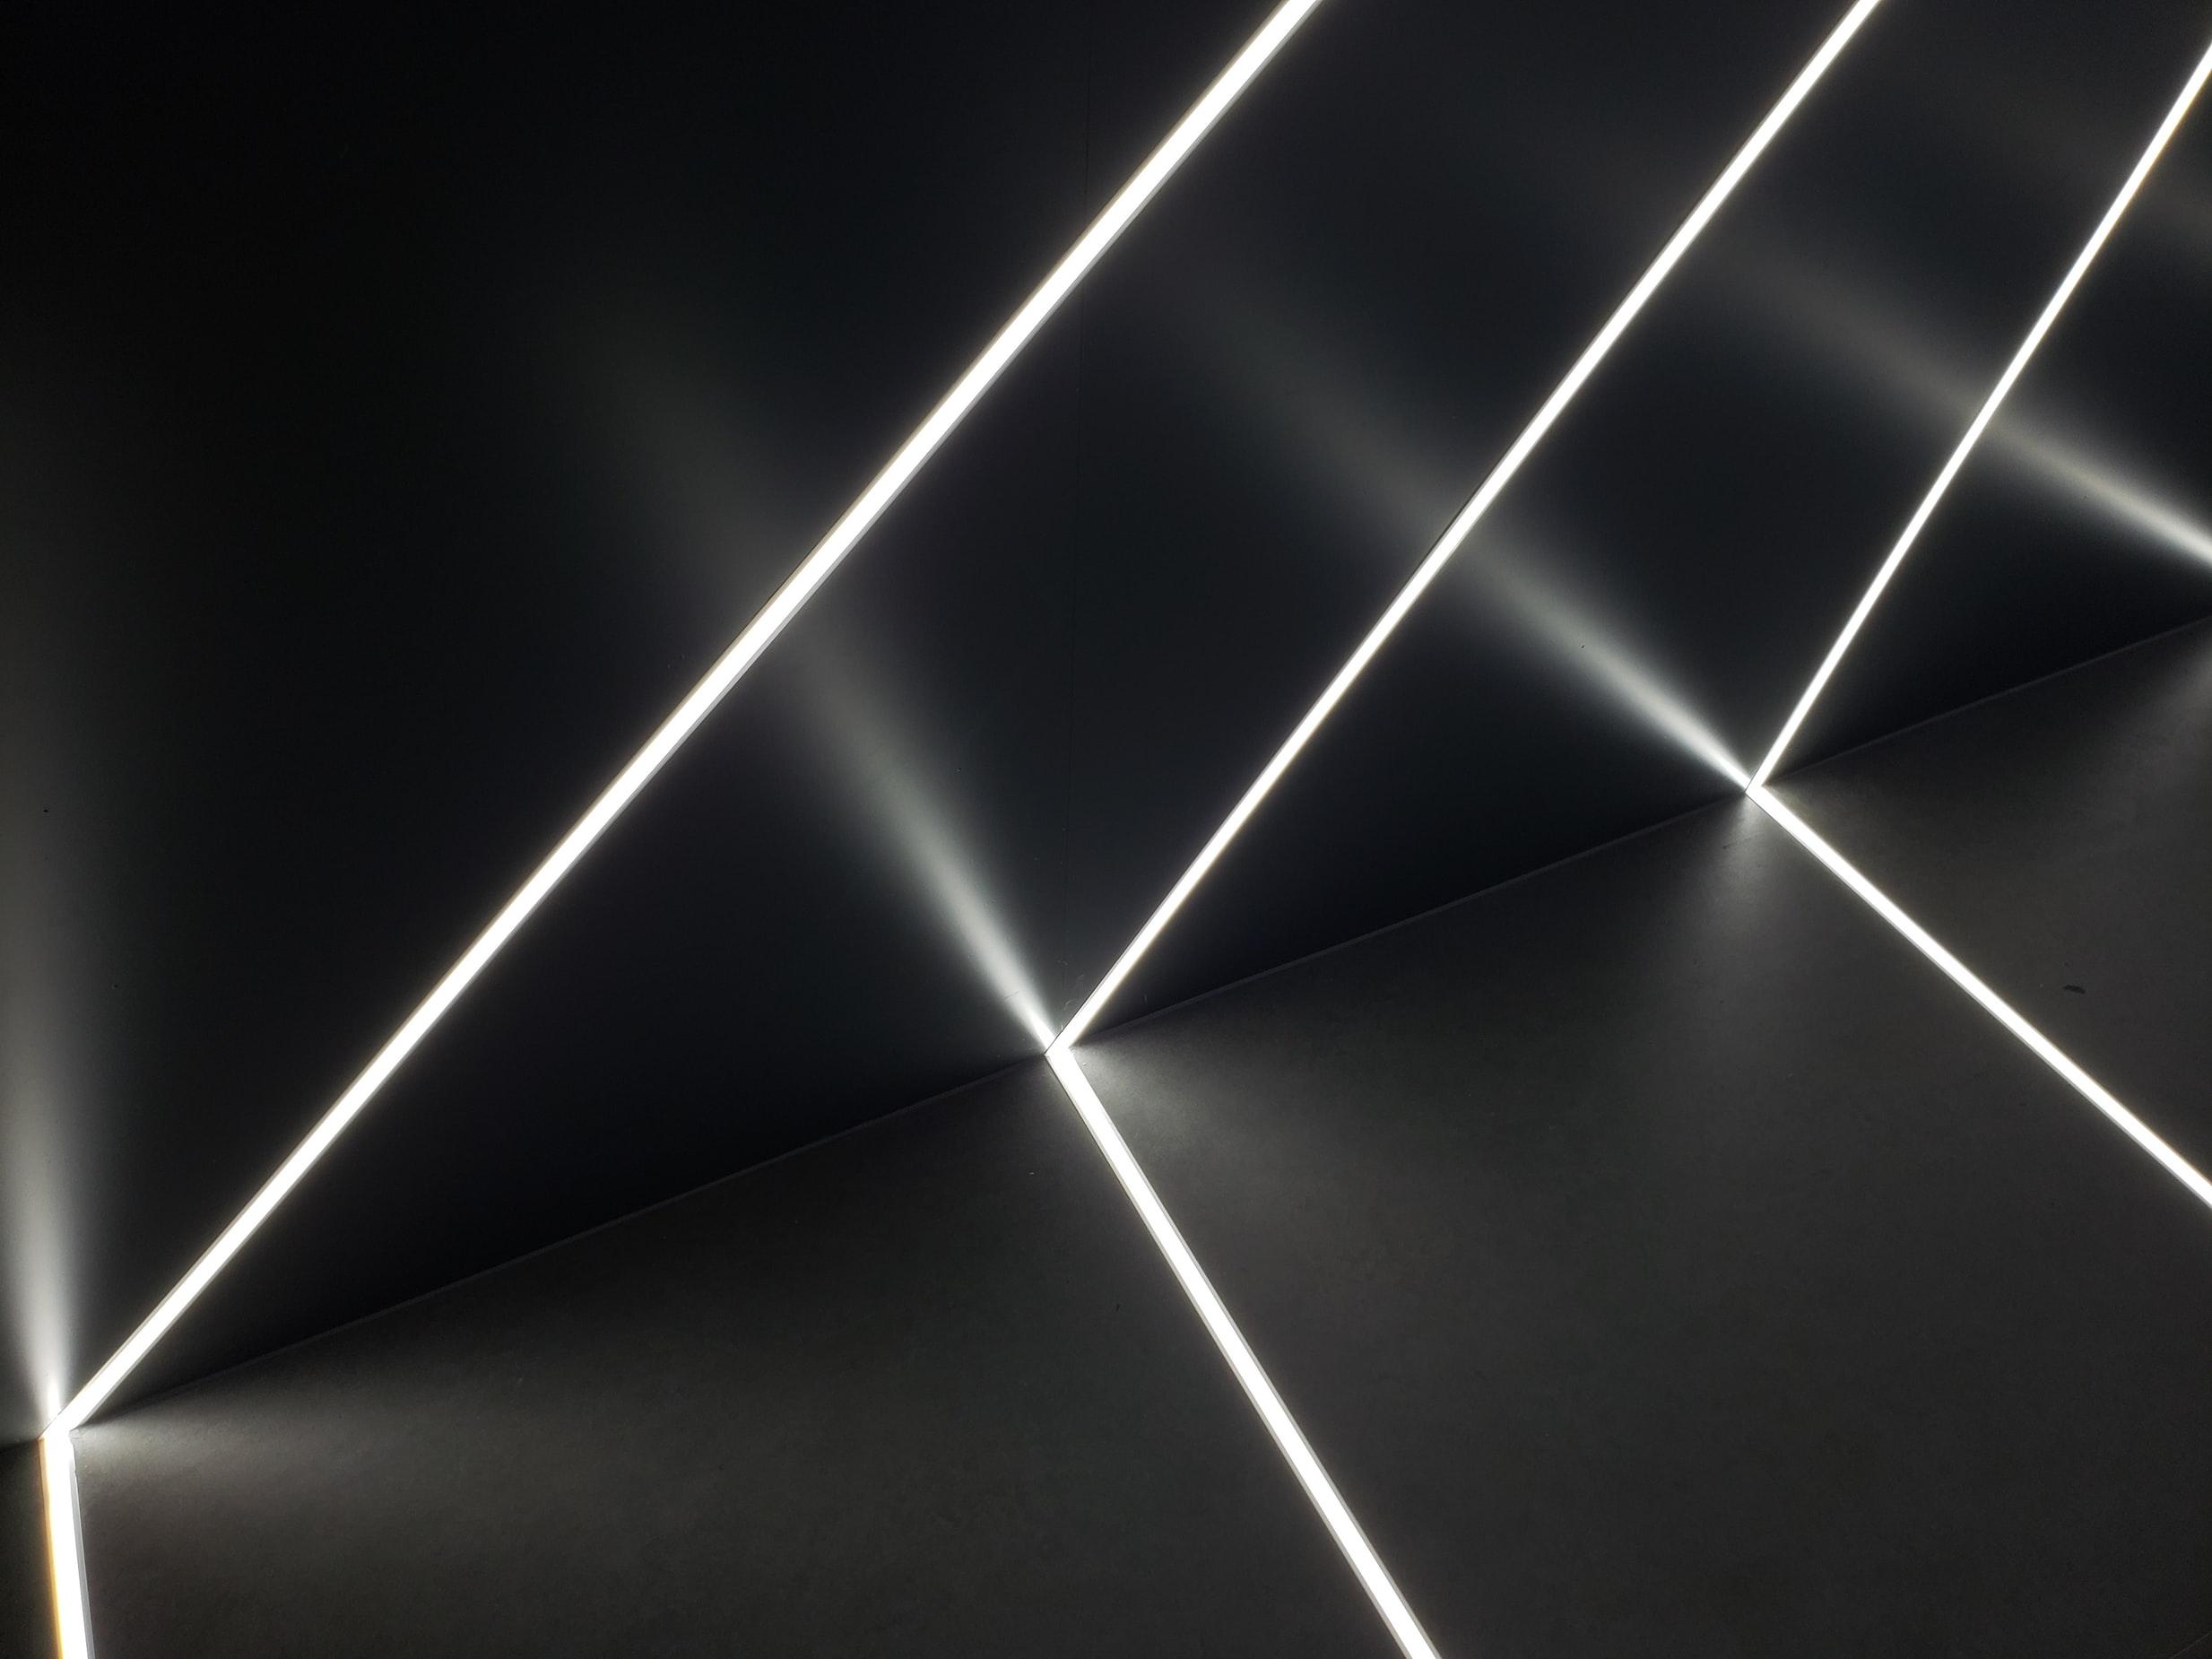 Rubans LED encastrés dans un mur noir